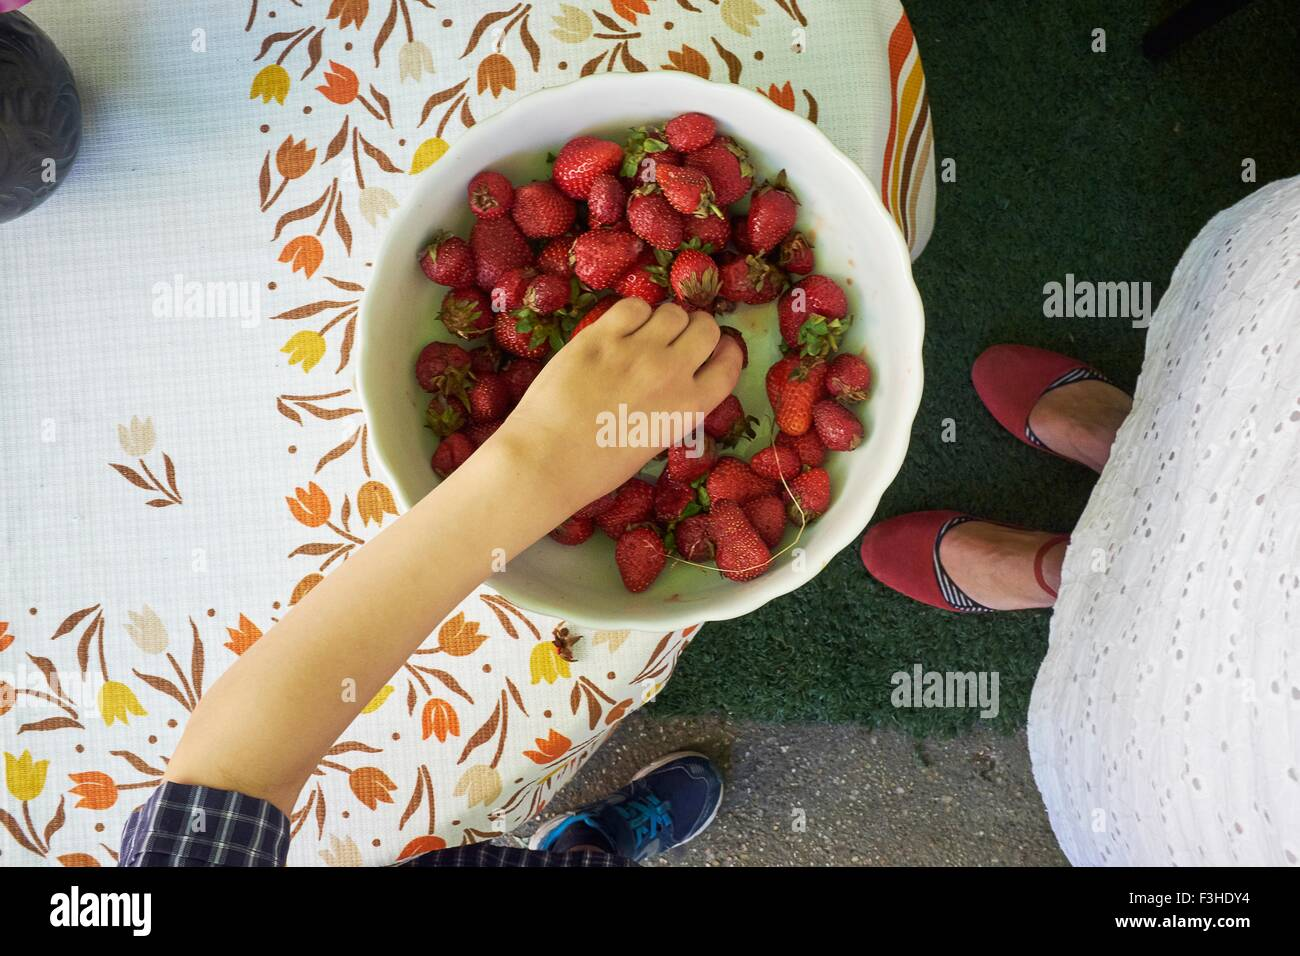 Vista aérea de los muchachos mano recogiendo fresas frescas de la cazoleta Imagen De Stock